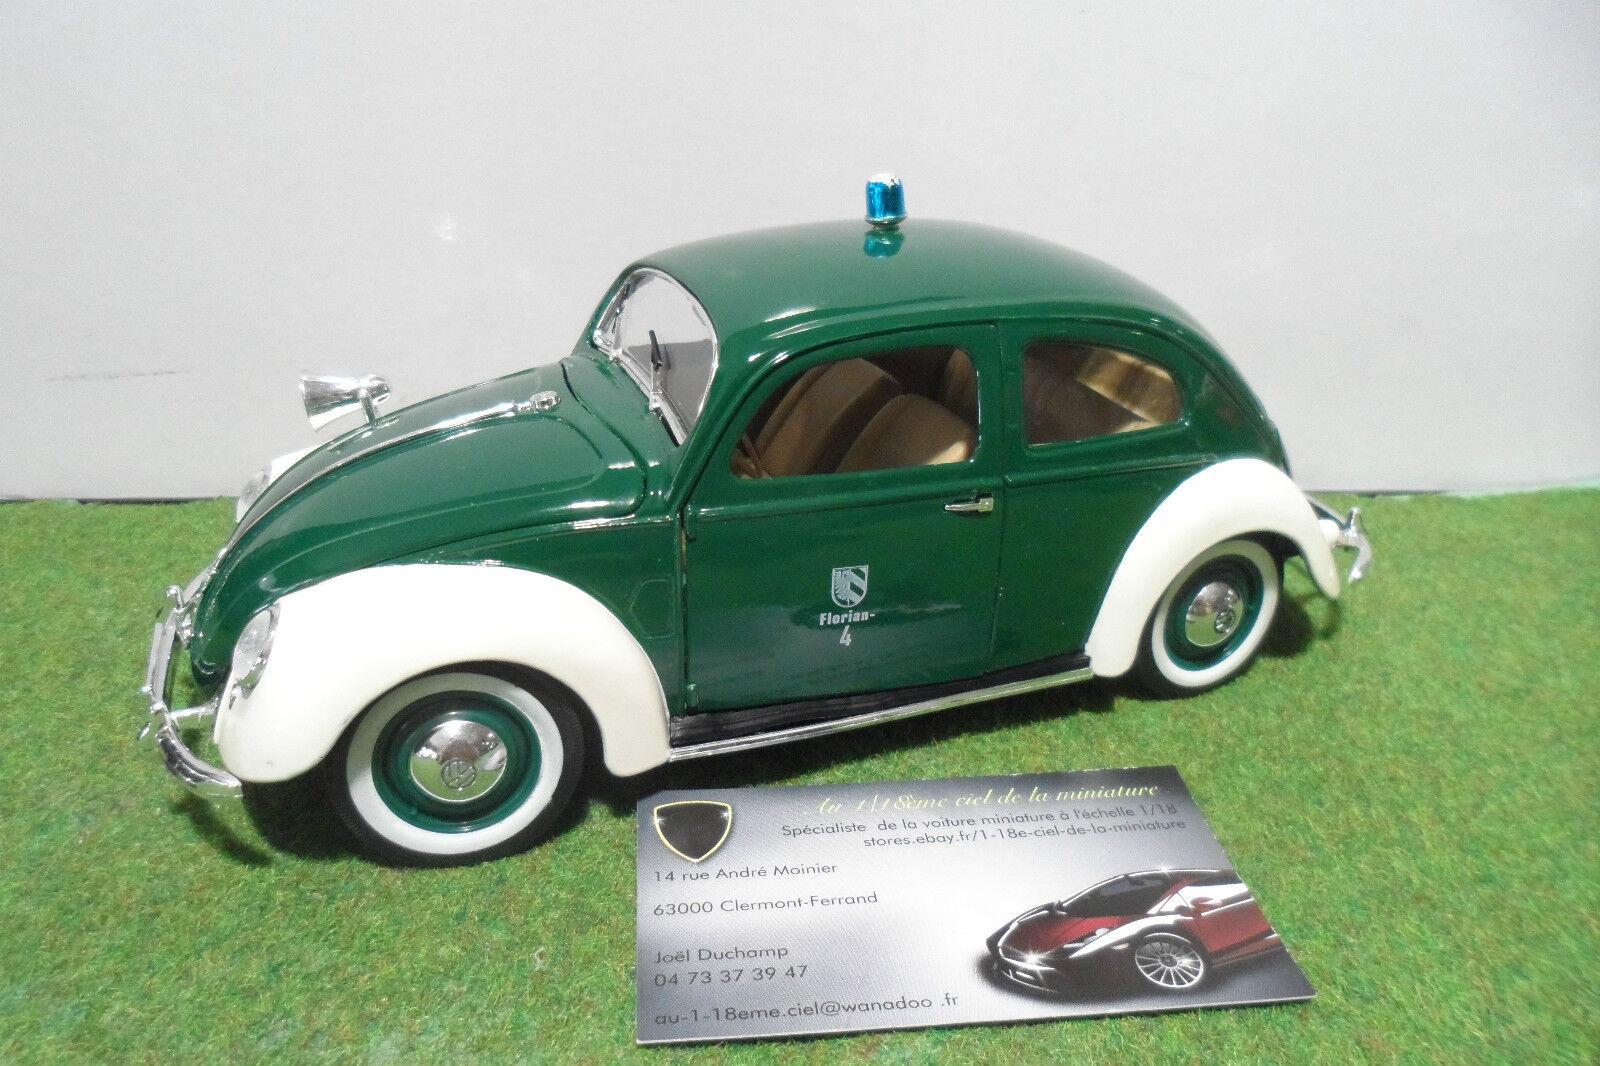 VOLKSWAGEN COCCINELLE 1951 Florian - 4 POLICE 1/18 MAISTO voiture miniature col.